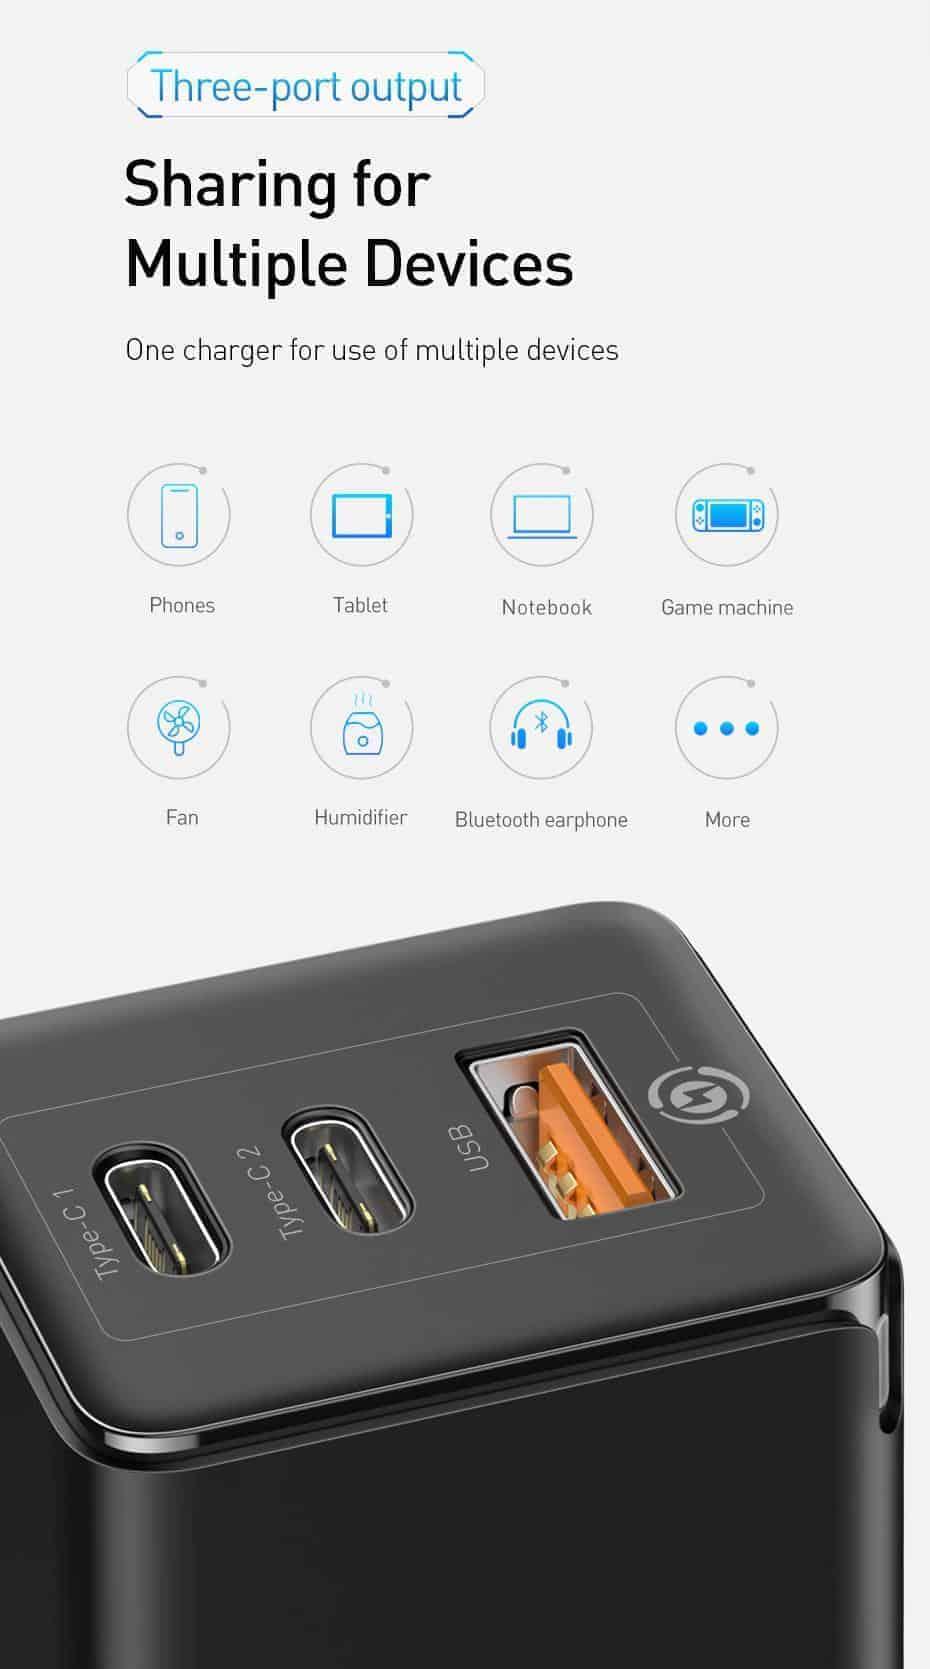 Bộ sạc nhanh Baseus GaN 65W hỗ trợ chuẩn PD , SCP , QC 4.0 , 3.0 cho điện thoại 11 Pro Max , 11 Pro , P30 Pro, Galaxy S10 , Note 10 , Macbook, iPad